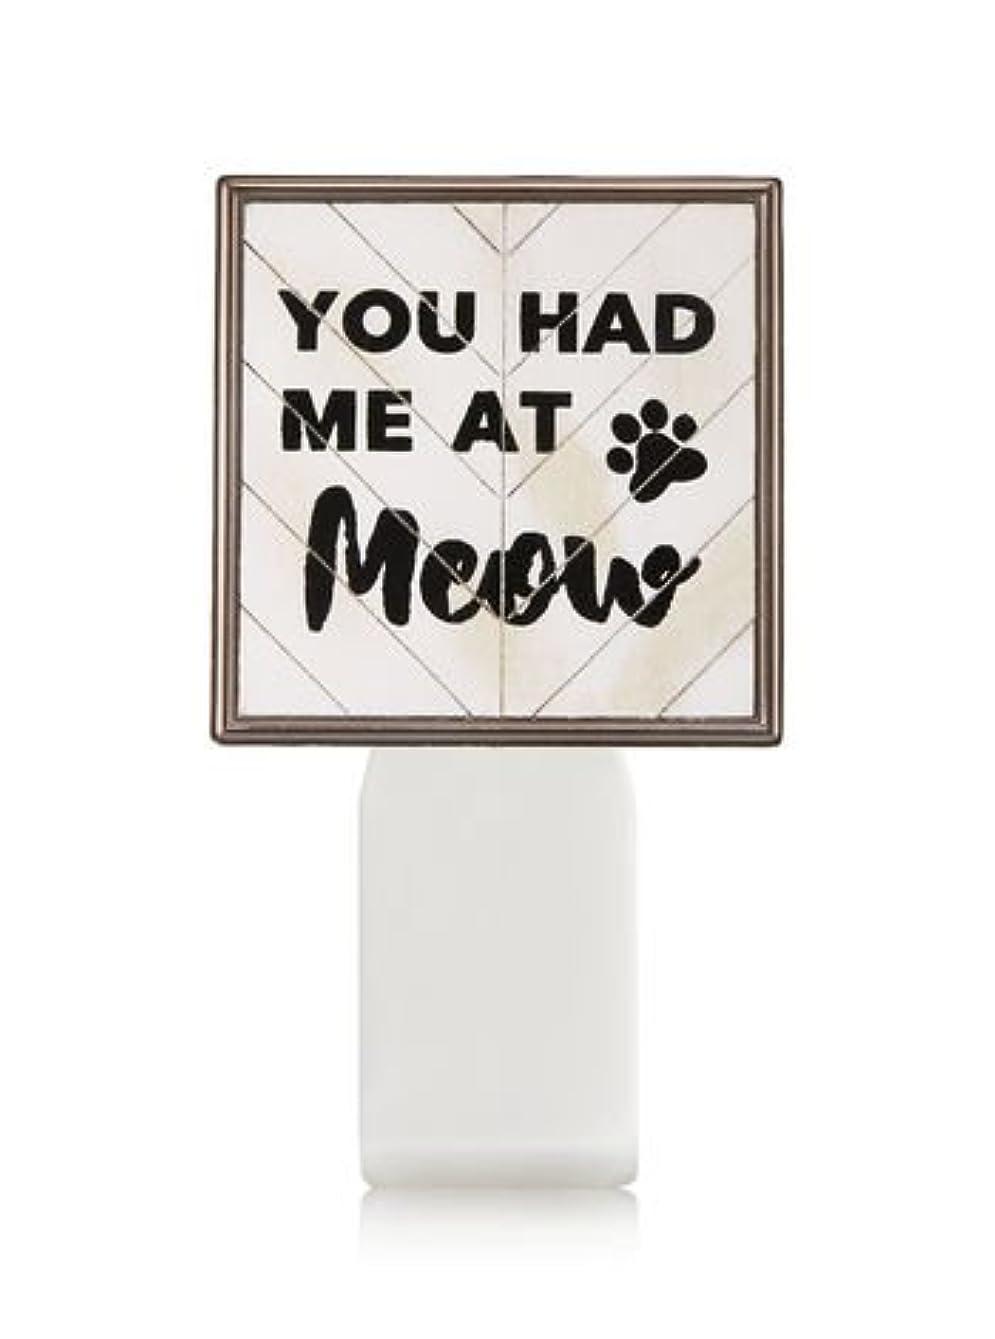 啓示裕福な現代の【Bath&Body Works/バス&ボディワークス】 ルームフレグランス プラグインスターター (本体のみ) キャット シールド Wallflowers Fragrance Plug You Had Me At Meow [並行輸入品]